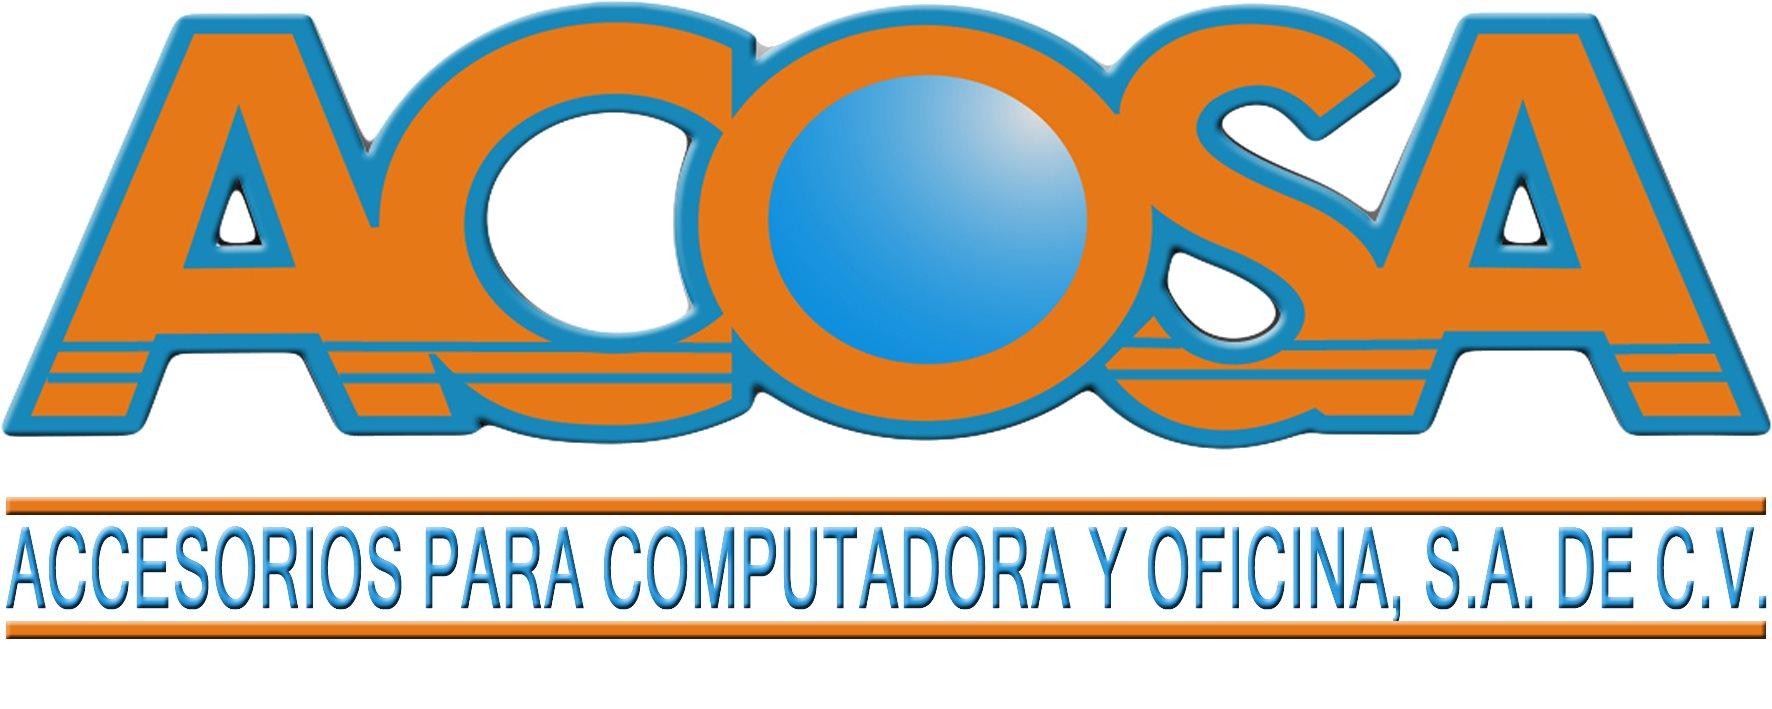 ACCESORIOS PARA COMPUTADORAS Y OFICINAS S.A DE C.V